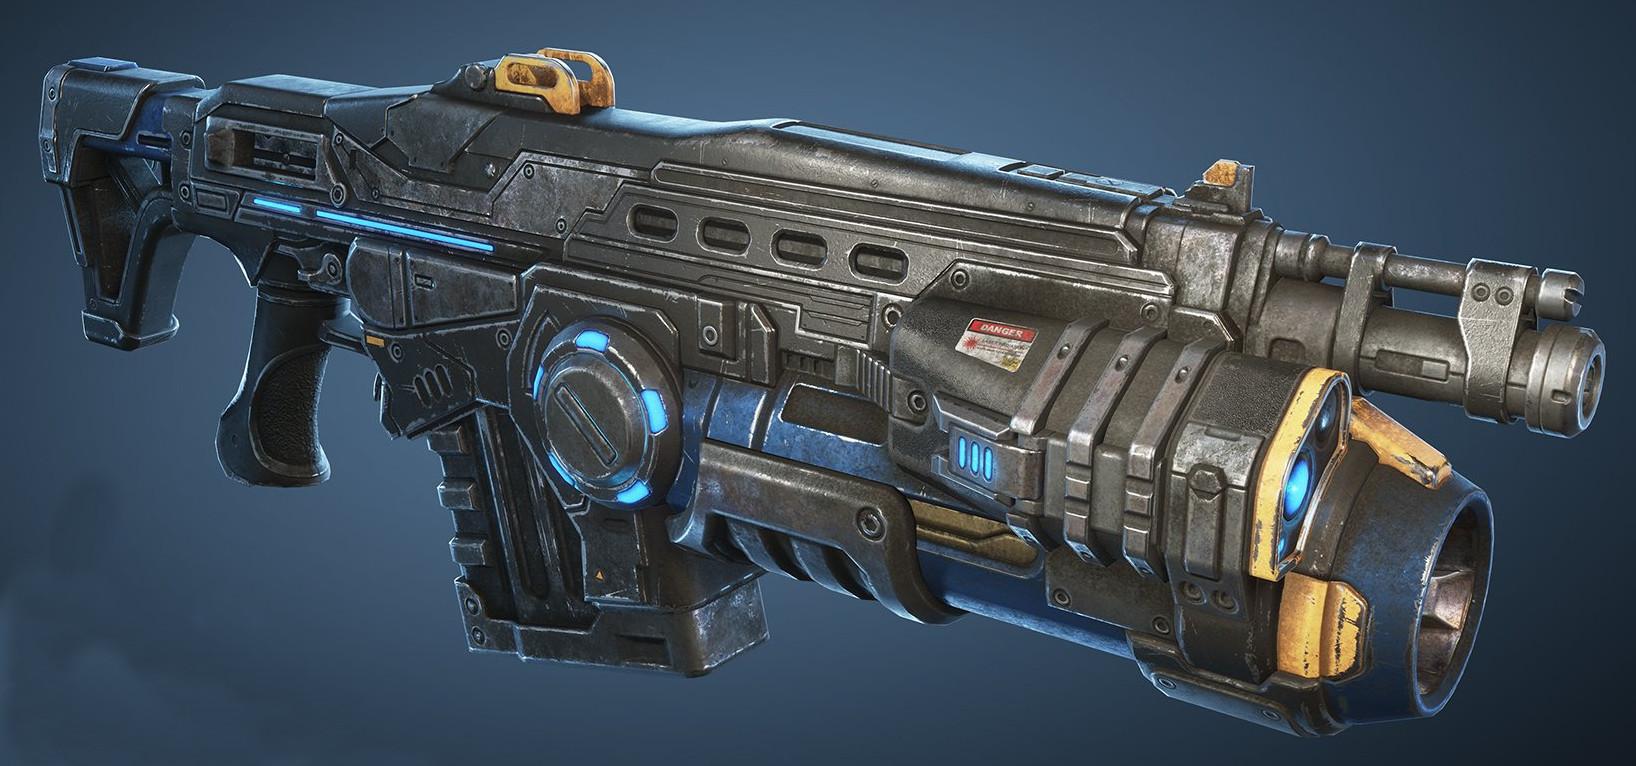 Lancer Gl Assault Rifle Gears Of War Fandom Powered By